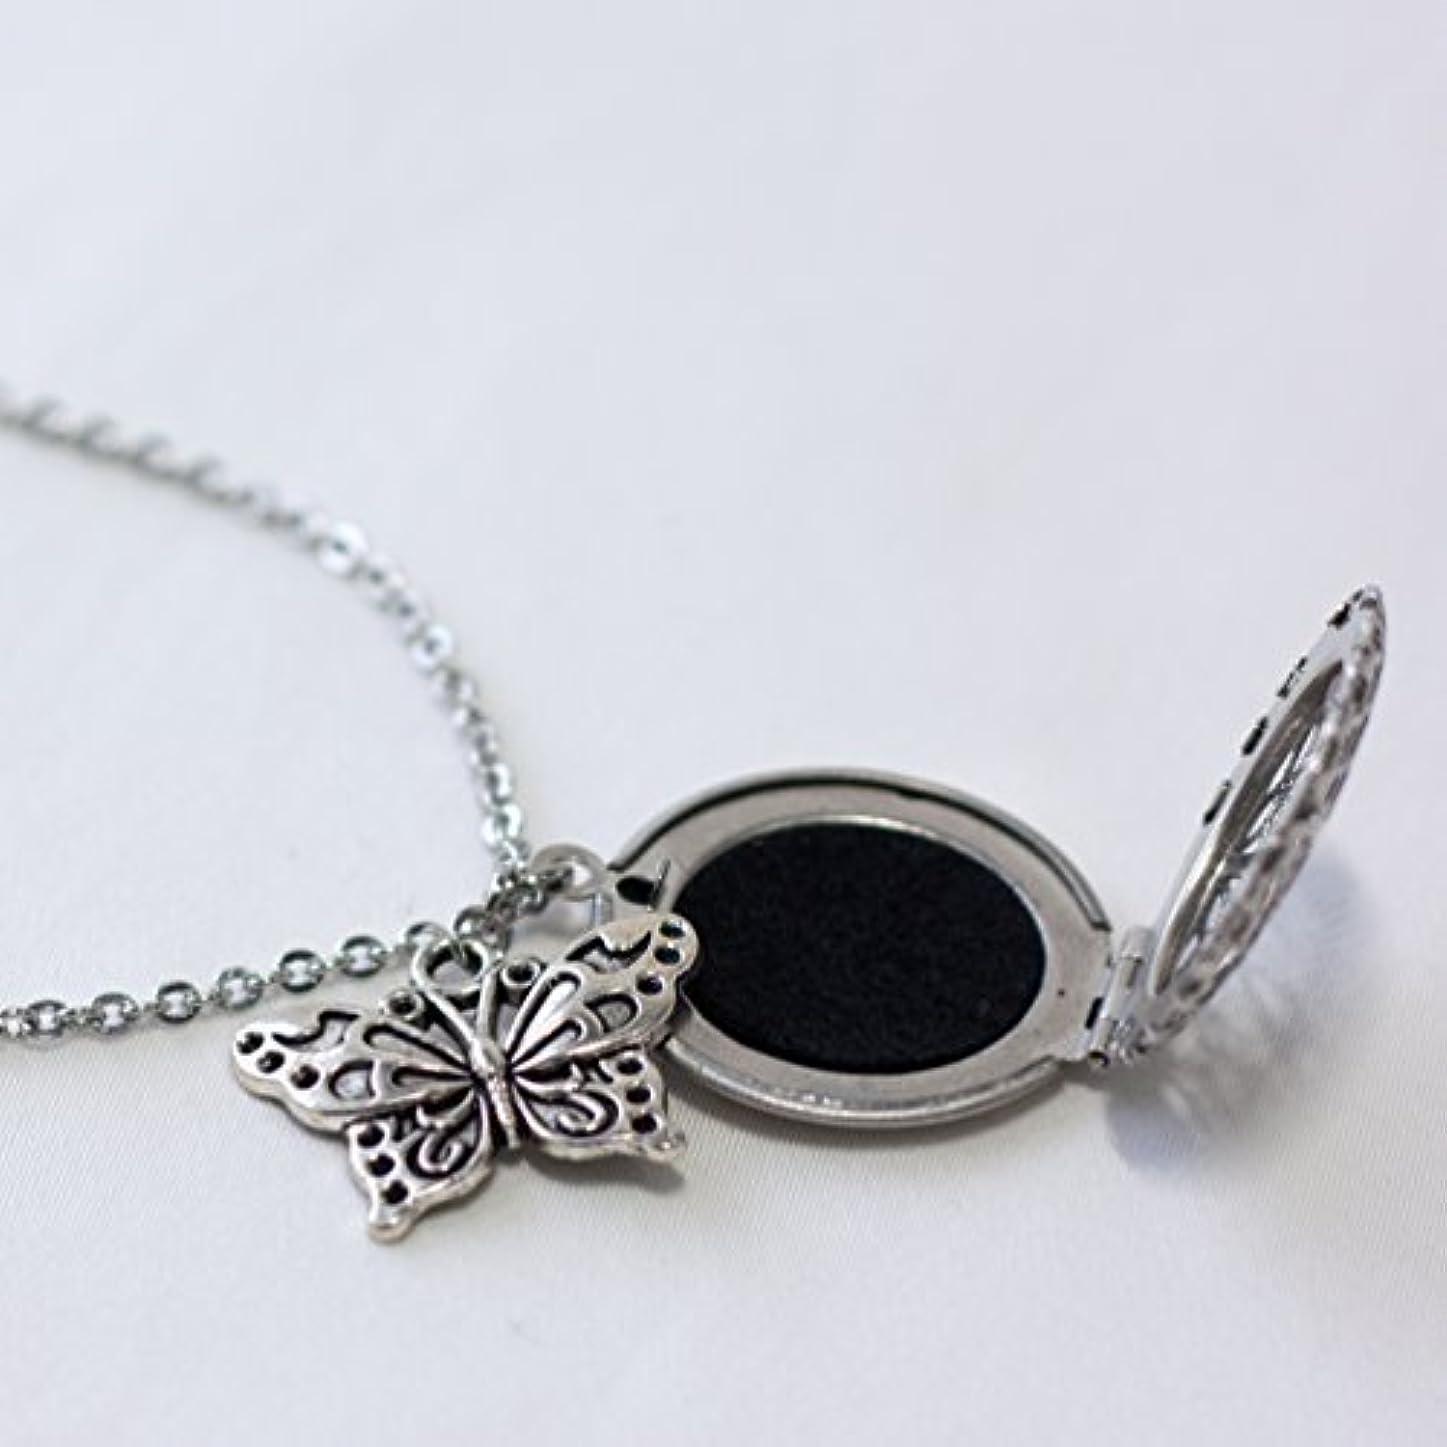 傾向があります湿った追い越すEssential Oil Diffuser Necklace with Butterfly 18 inches with felt pads [並行輸入品]